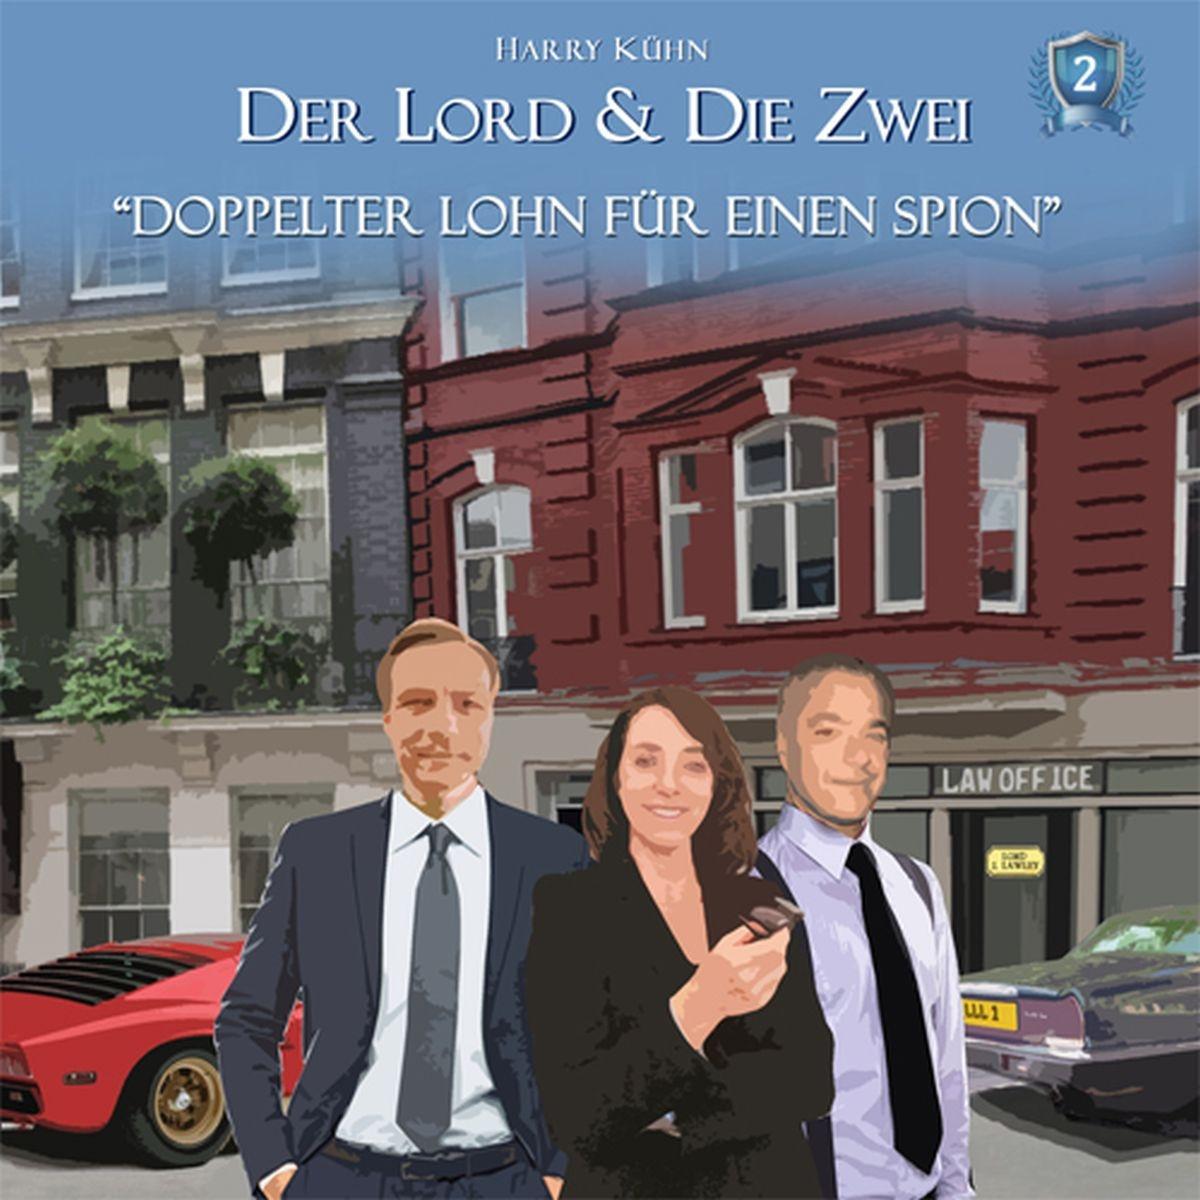 Der Lord & die Zwei - Folge 2: Doppelter Lohn für einen Spion